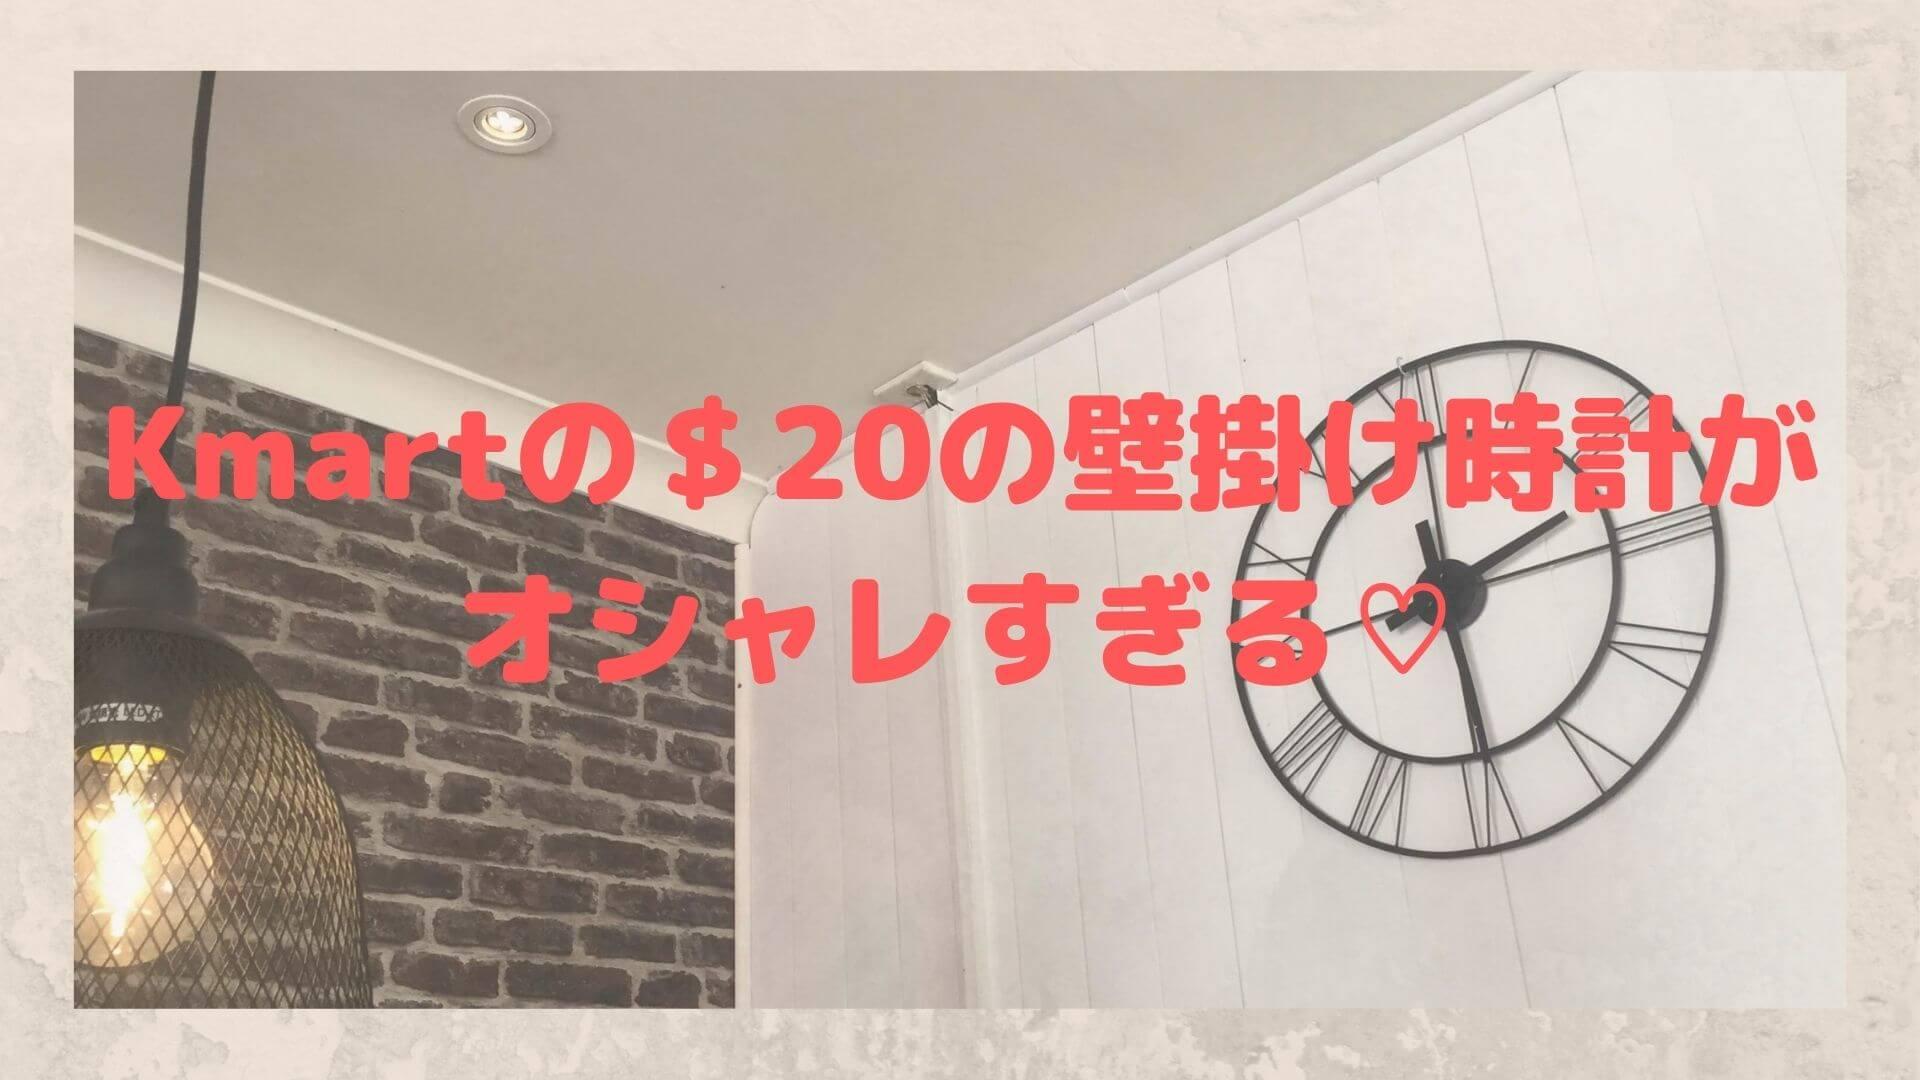 カフェに飾ってある大きめな時計